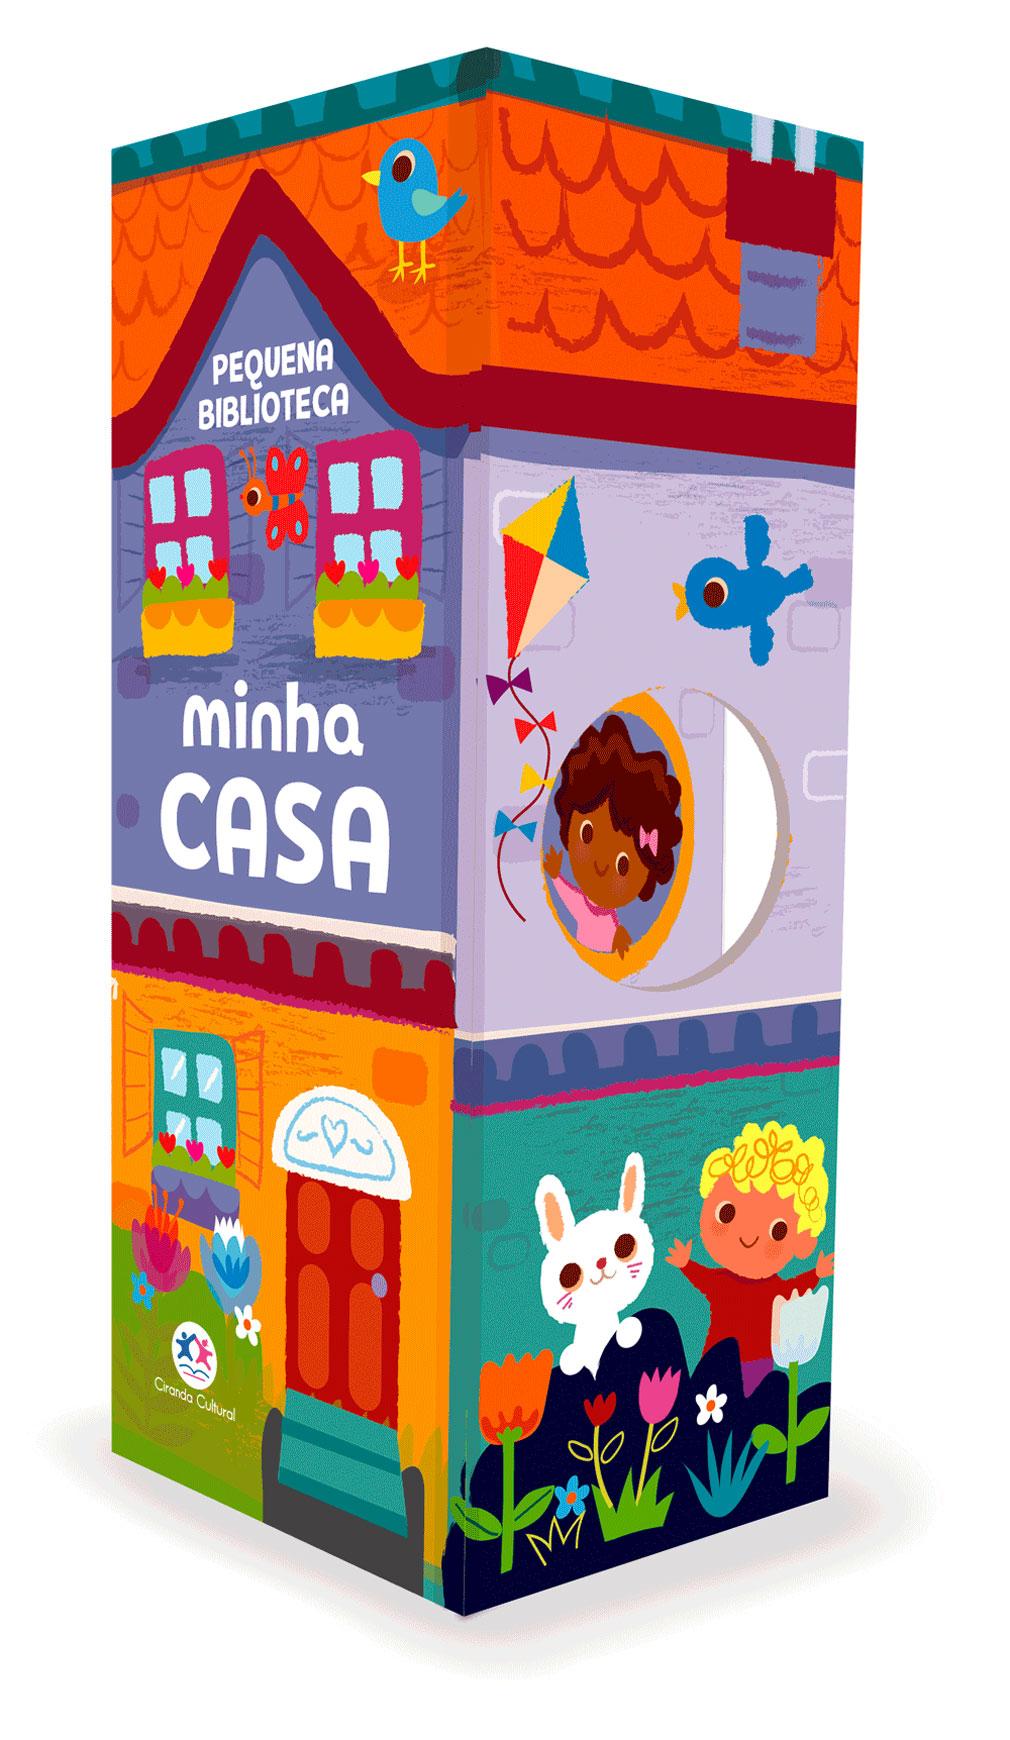 BOX TORRE - PEQUENA BIBLIOTECA - MINHA CASA